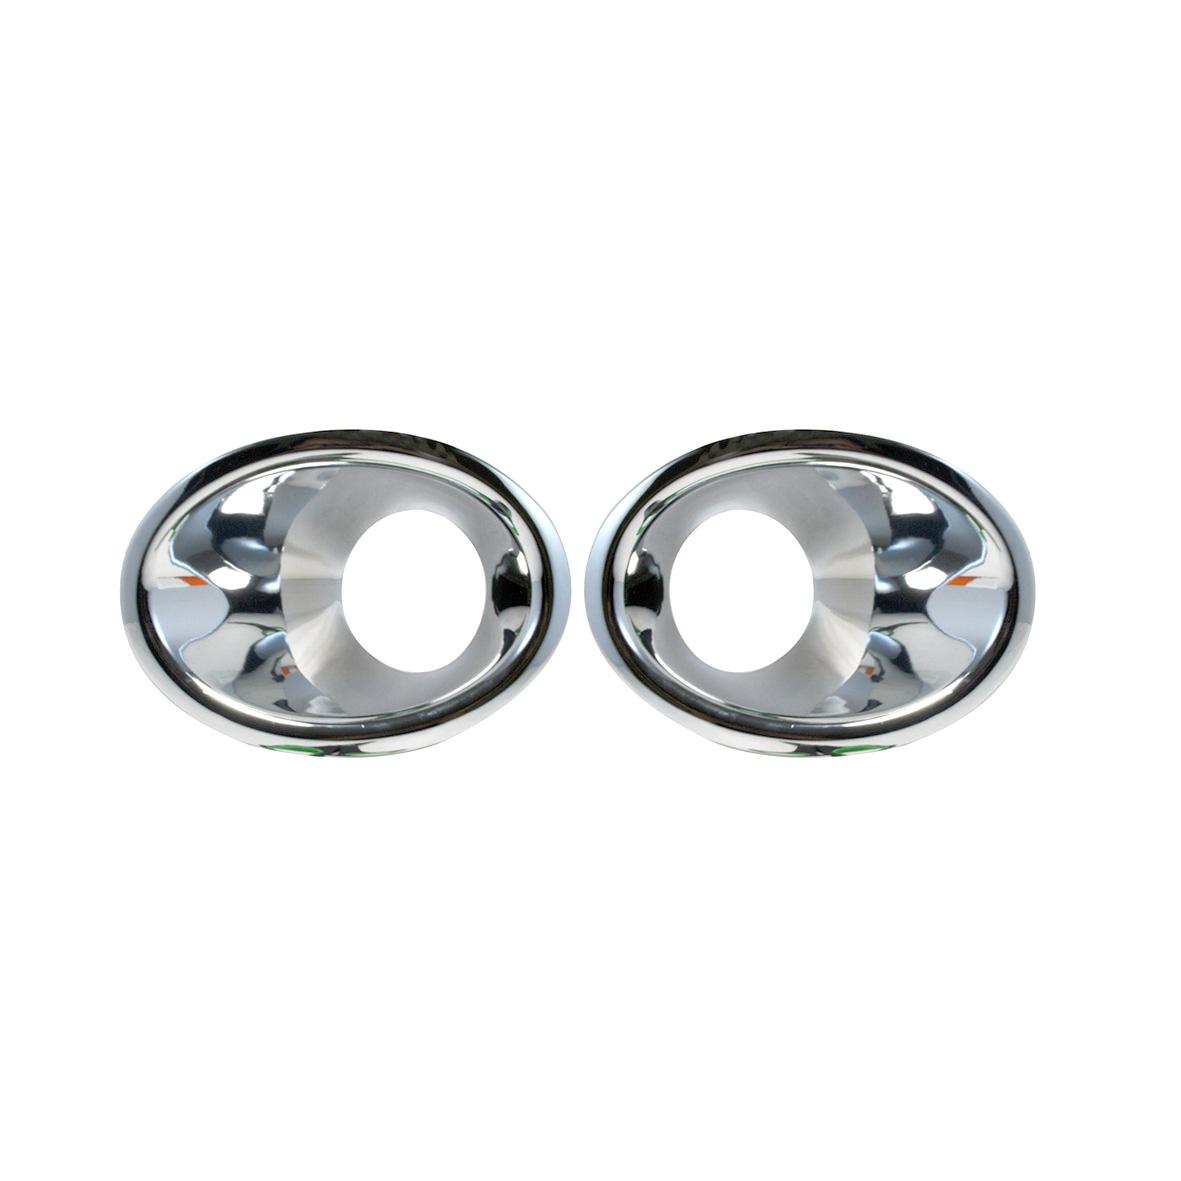 Harga Autofriend Ring Fog Lamp Nissan Evalia 2014 Pelindung Variasi Aksesoris Mobil Modifikasi Ai Cbb3067 Lengkap